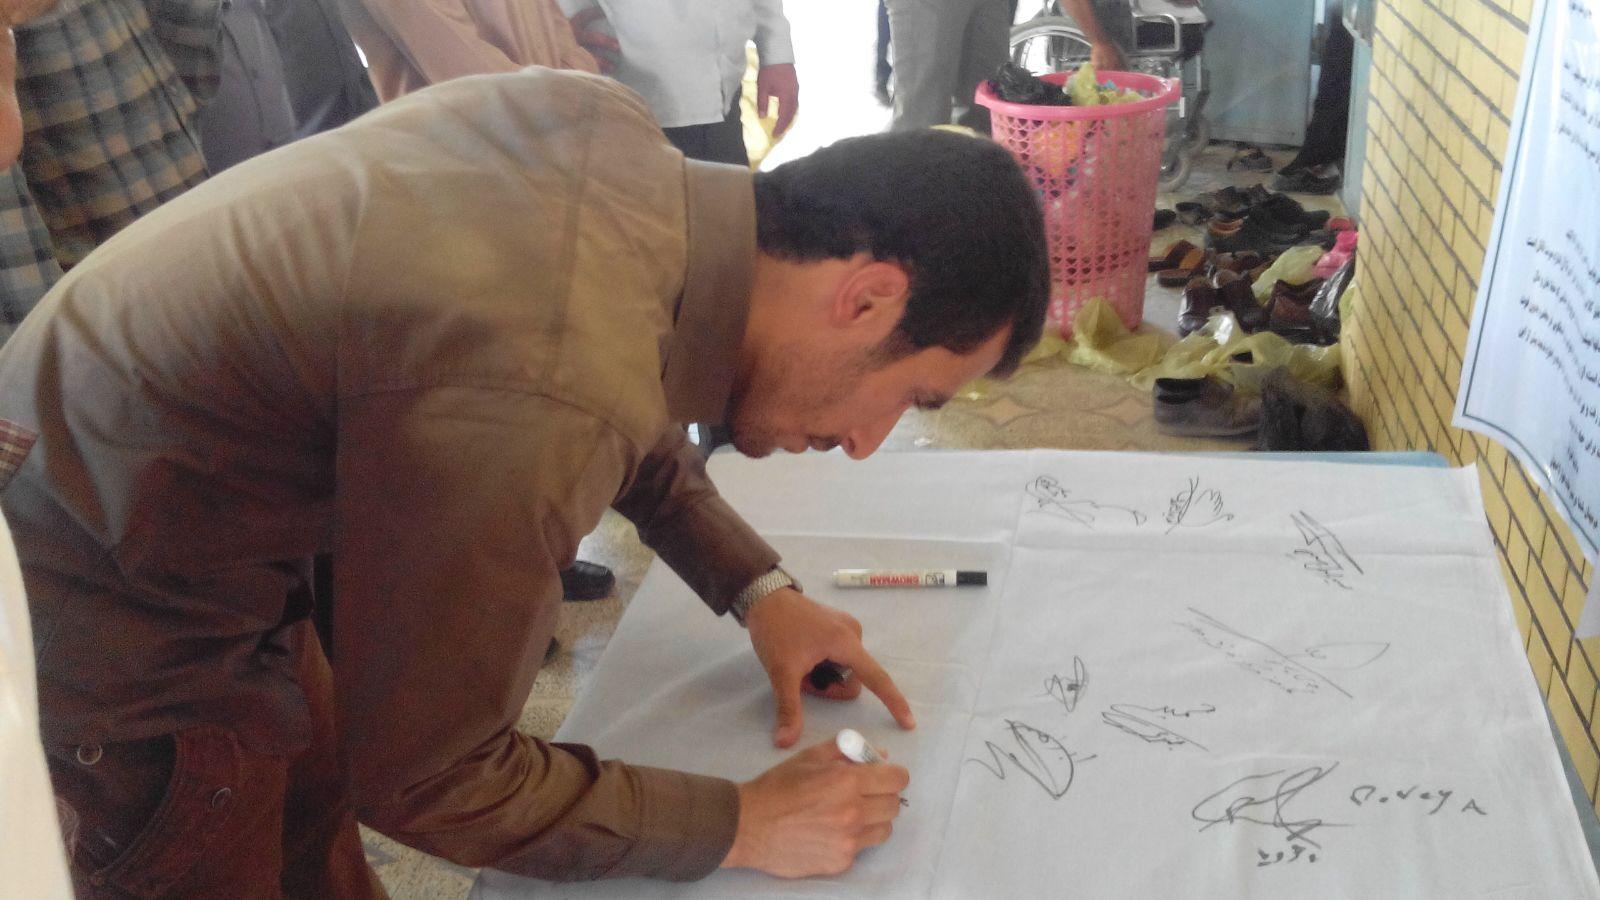 جمعآوری امضاء طومار «جاده مرگ» در ایذه به پایان رسید + تصاویر